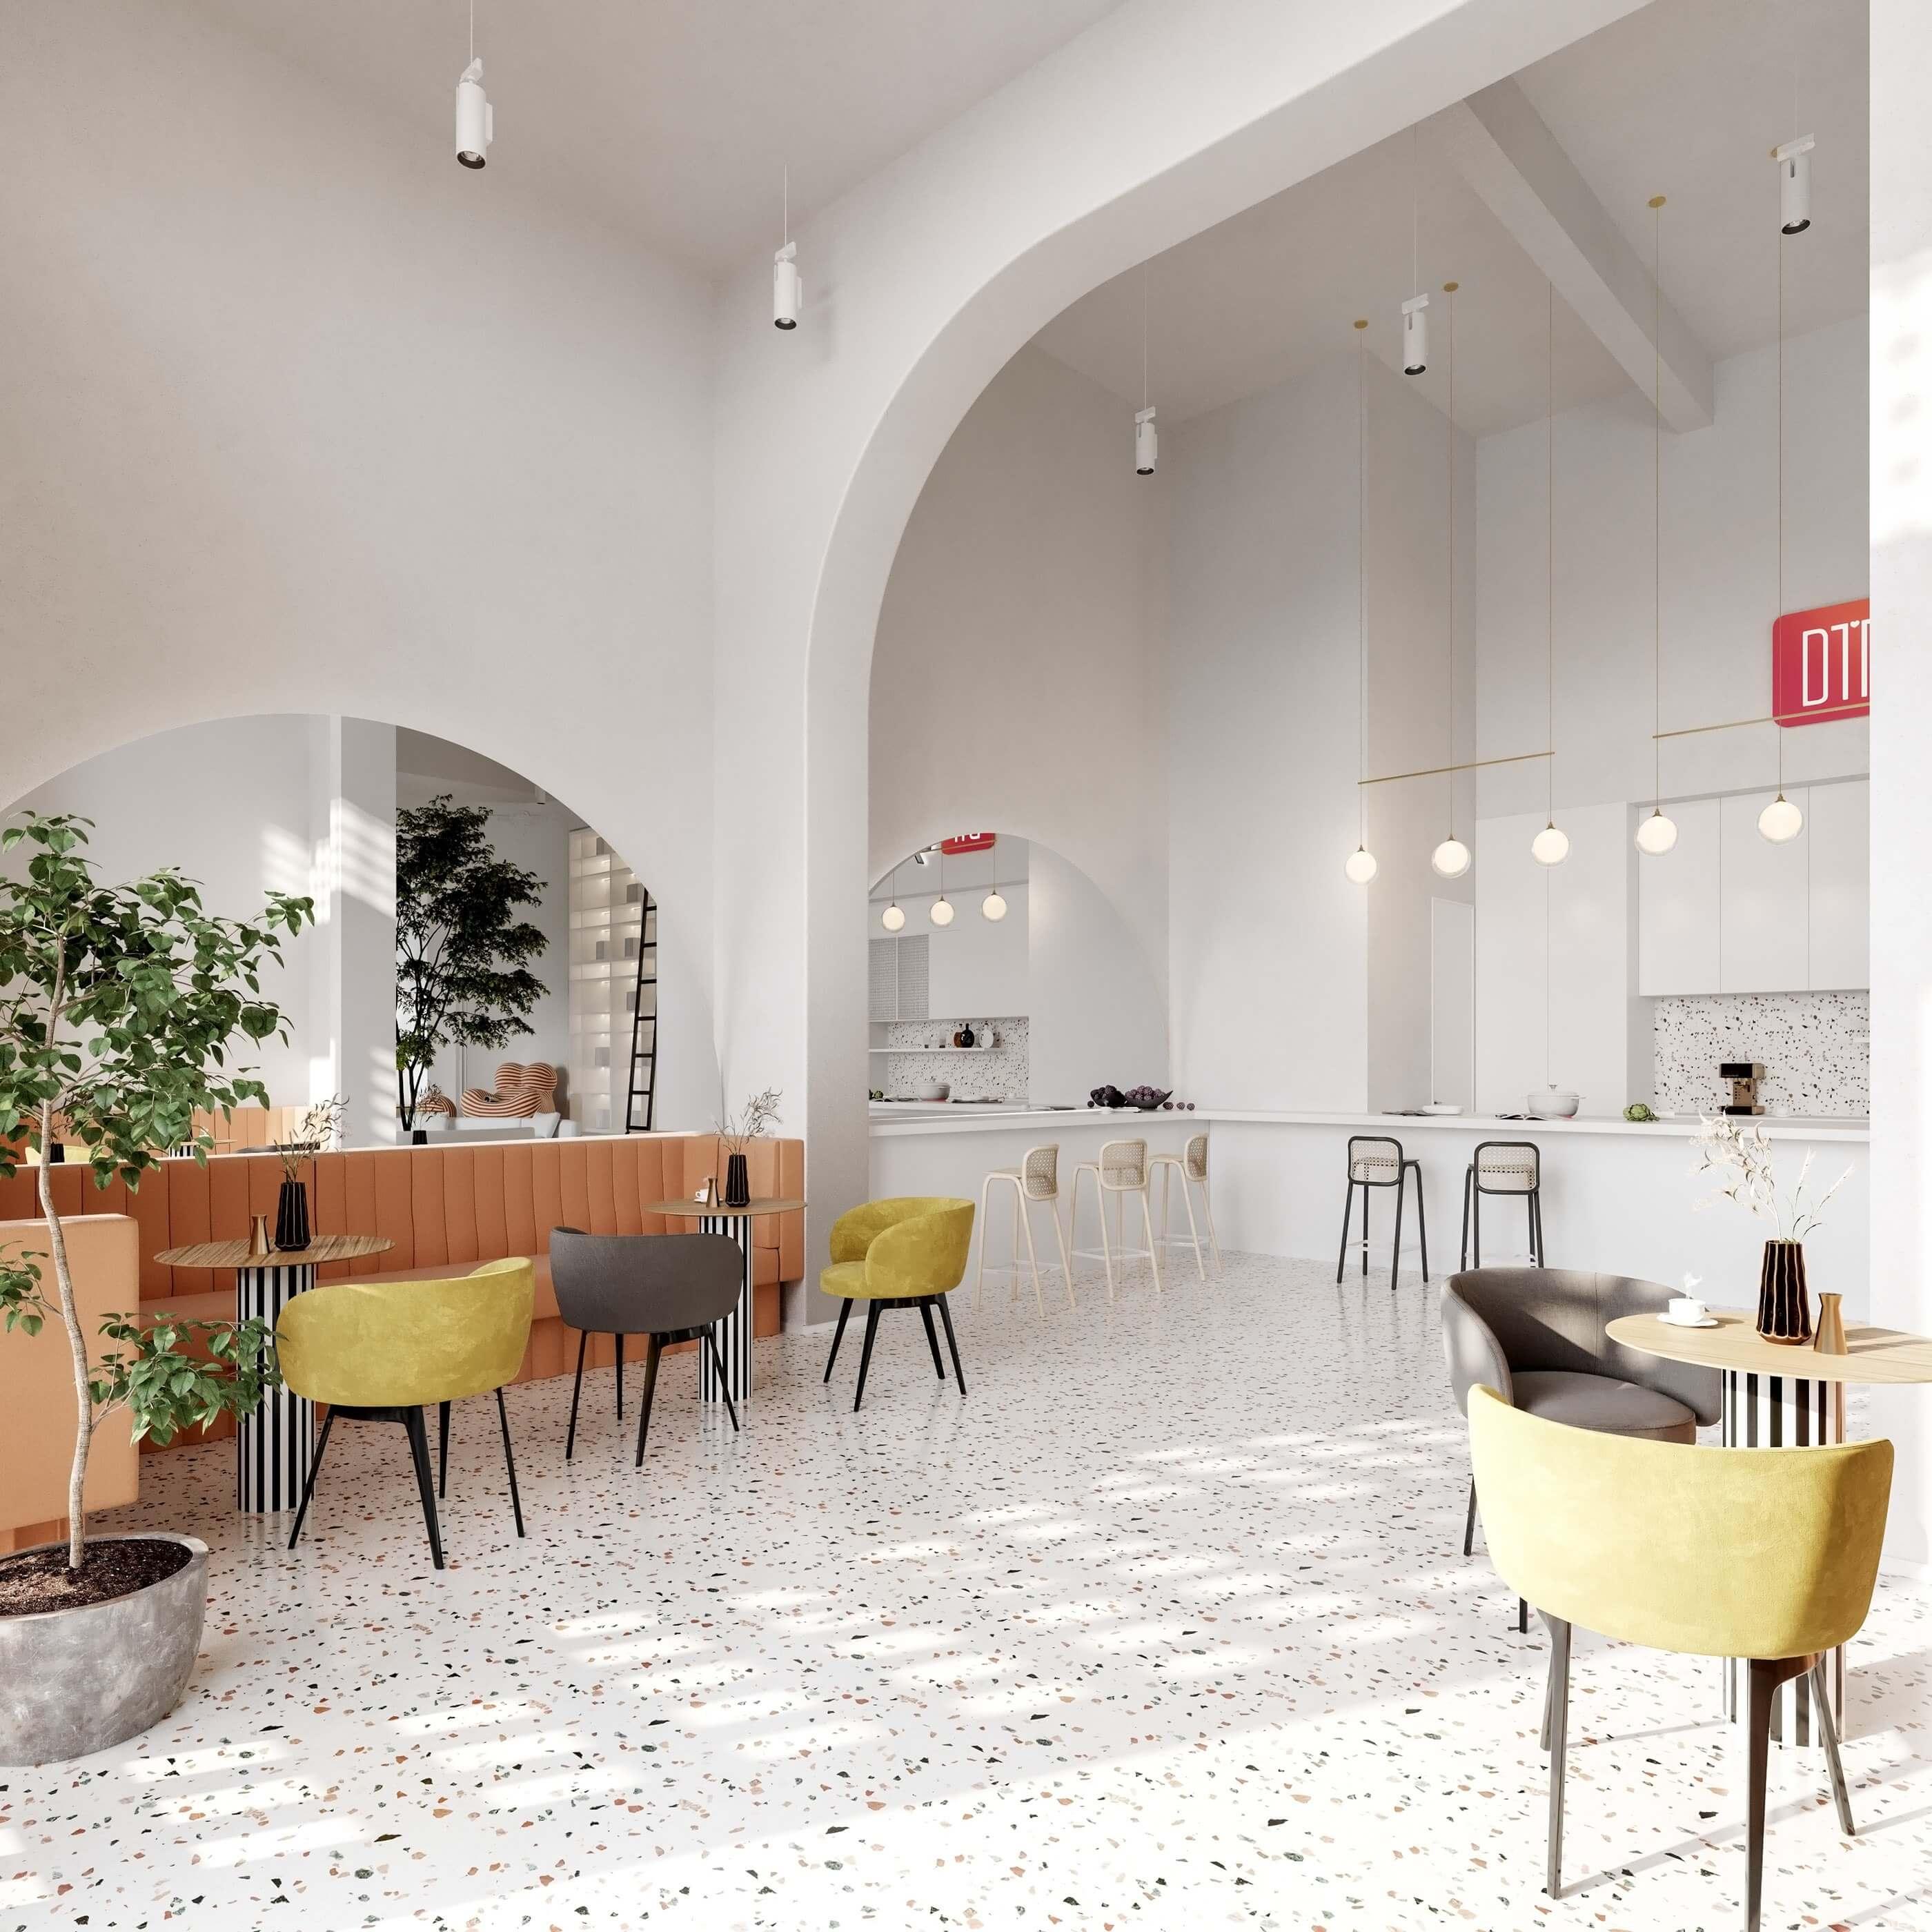 Modern bar restaurant design idea - cgi visualization